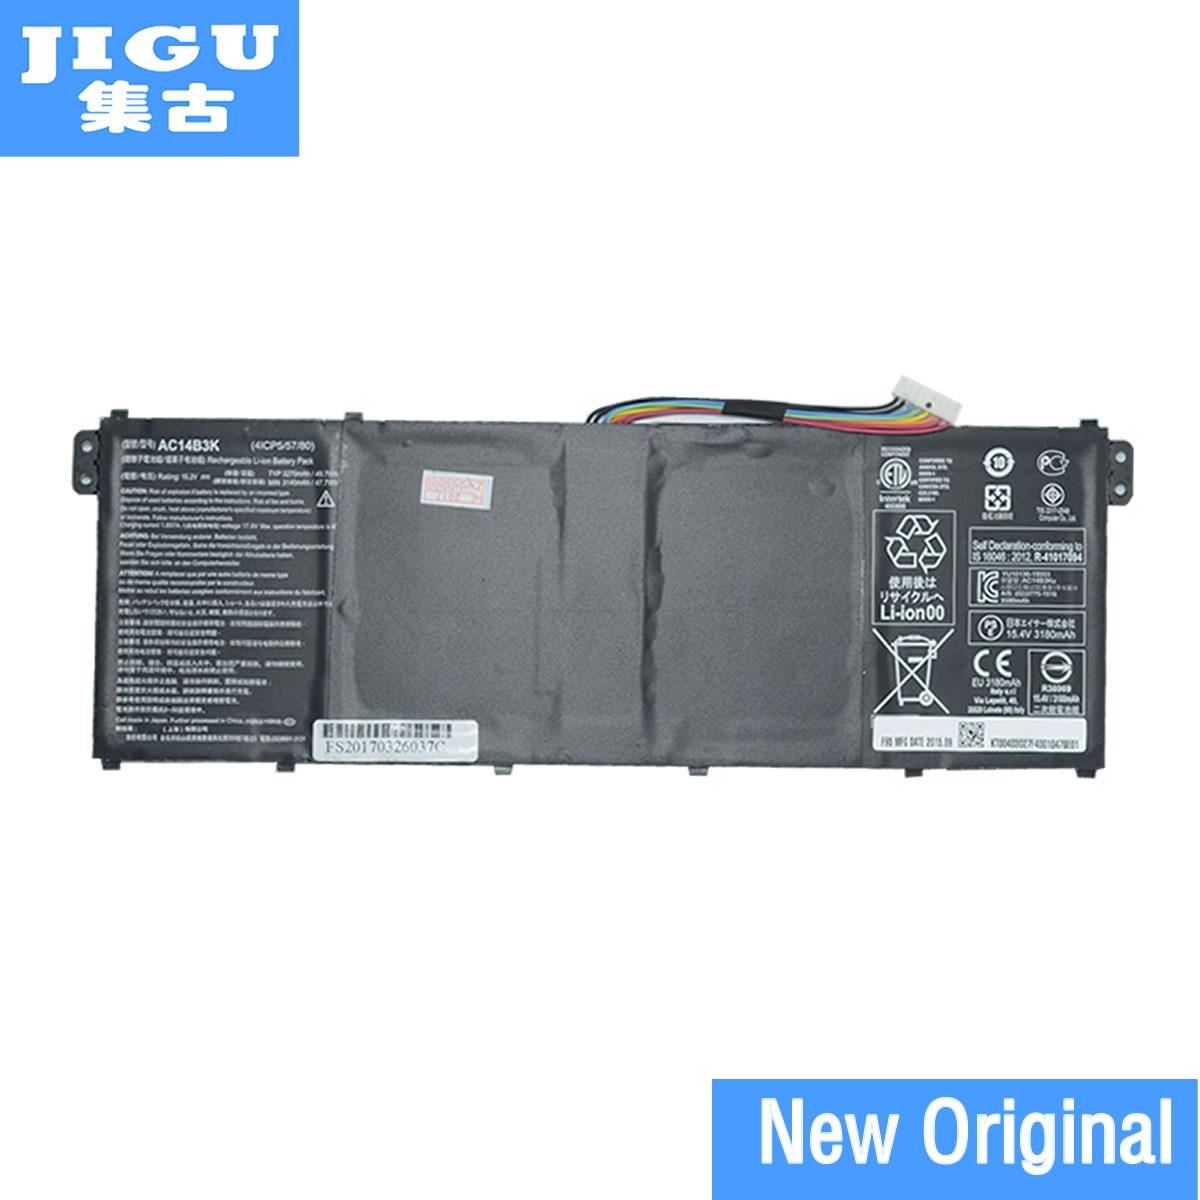 JIGU batería Original del ordenador portátil AC14B3K para ACER A32Aspire R 11 R3-131T R5-571T 571TG S14 Chromebook CB3-511 531 Swift 3 3 s F314-51